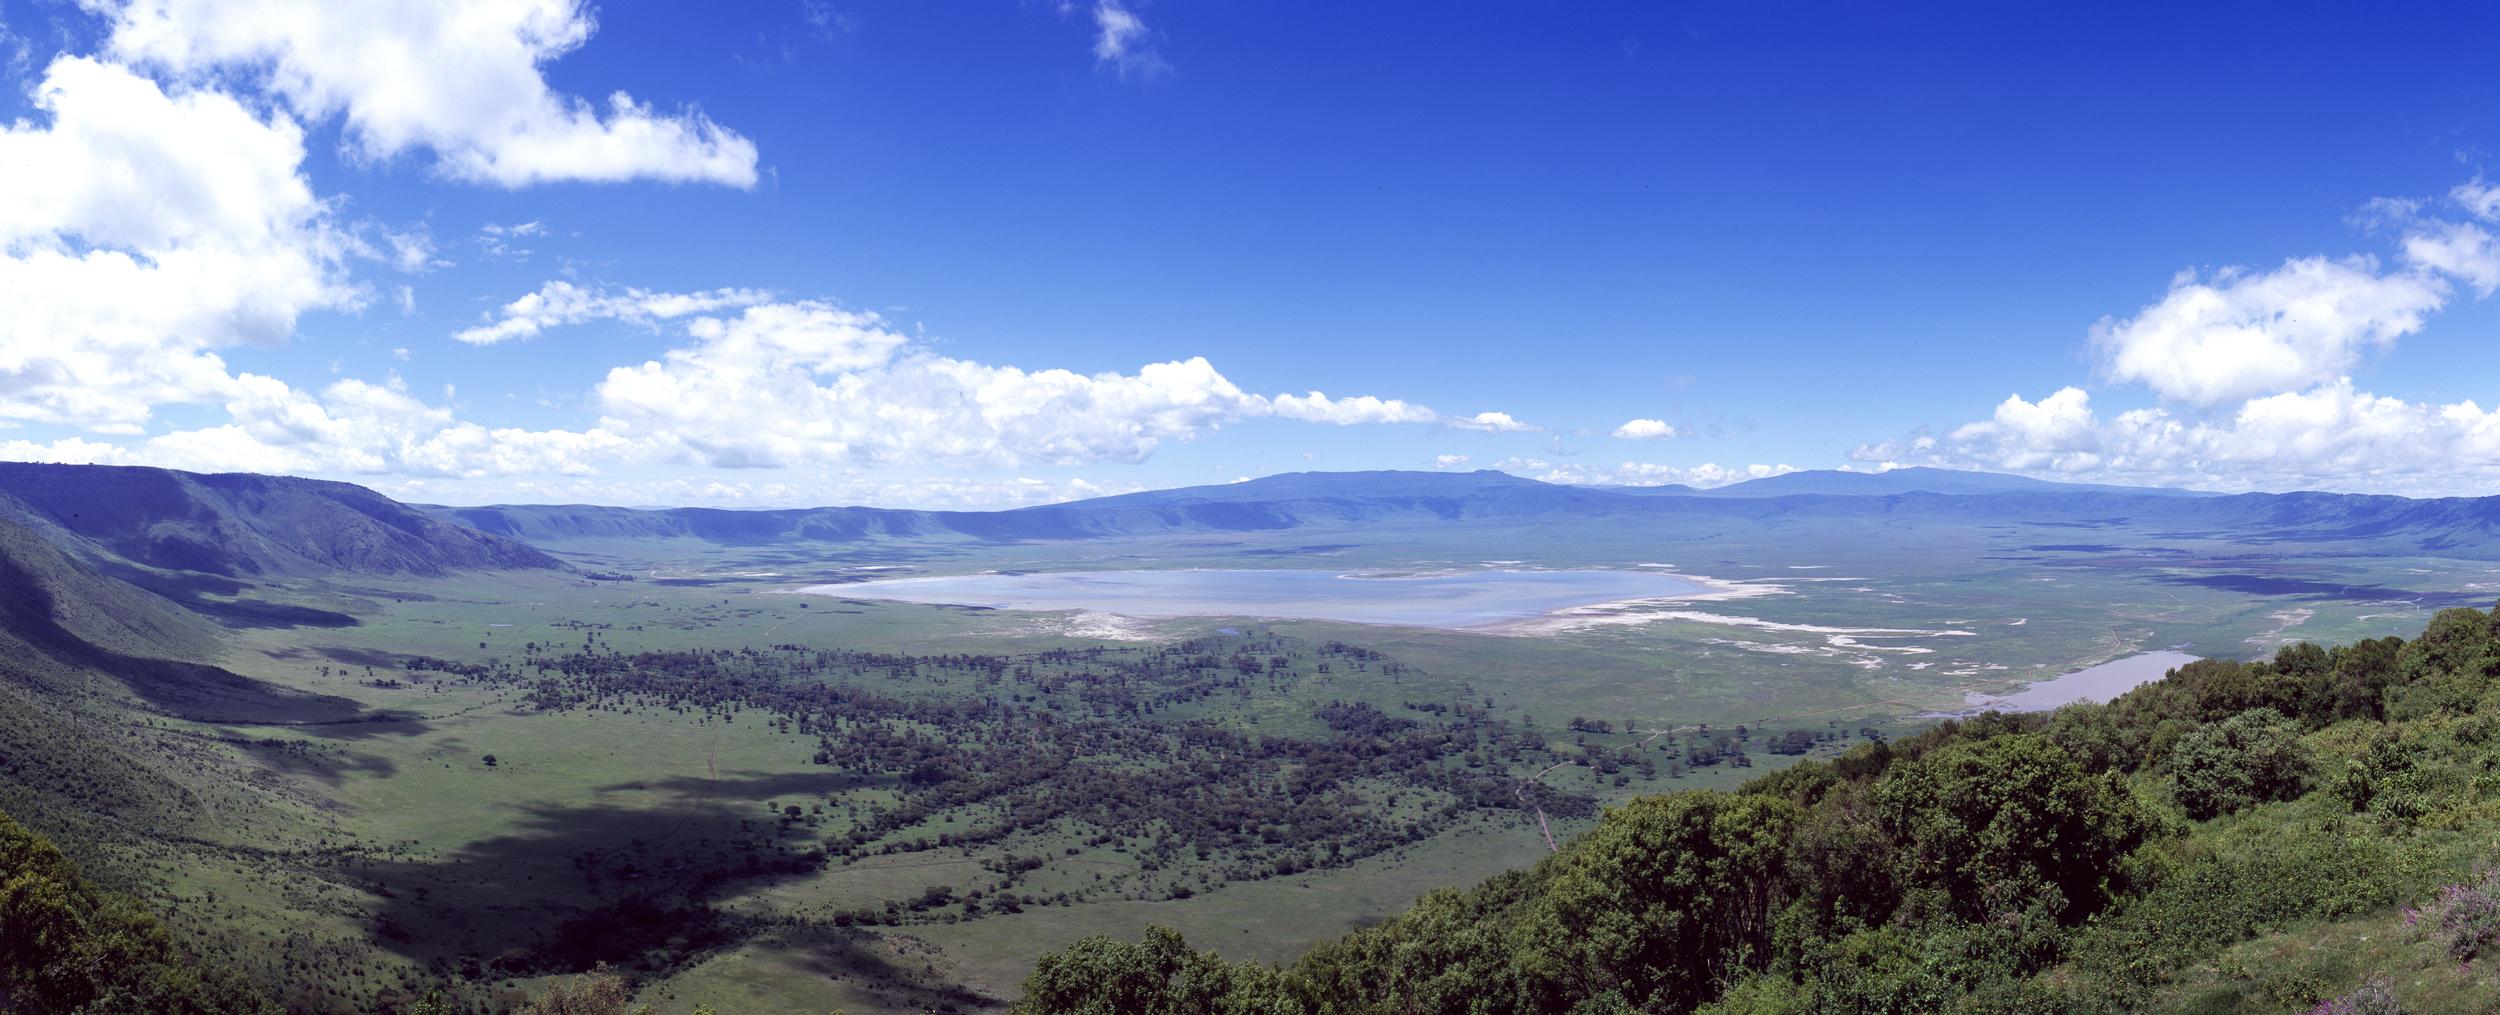 L012 - Ngorongoro Crater.jpg